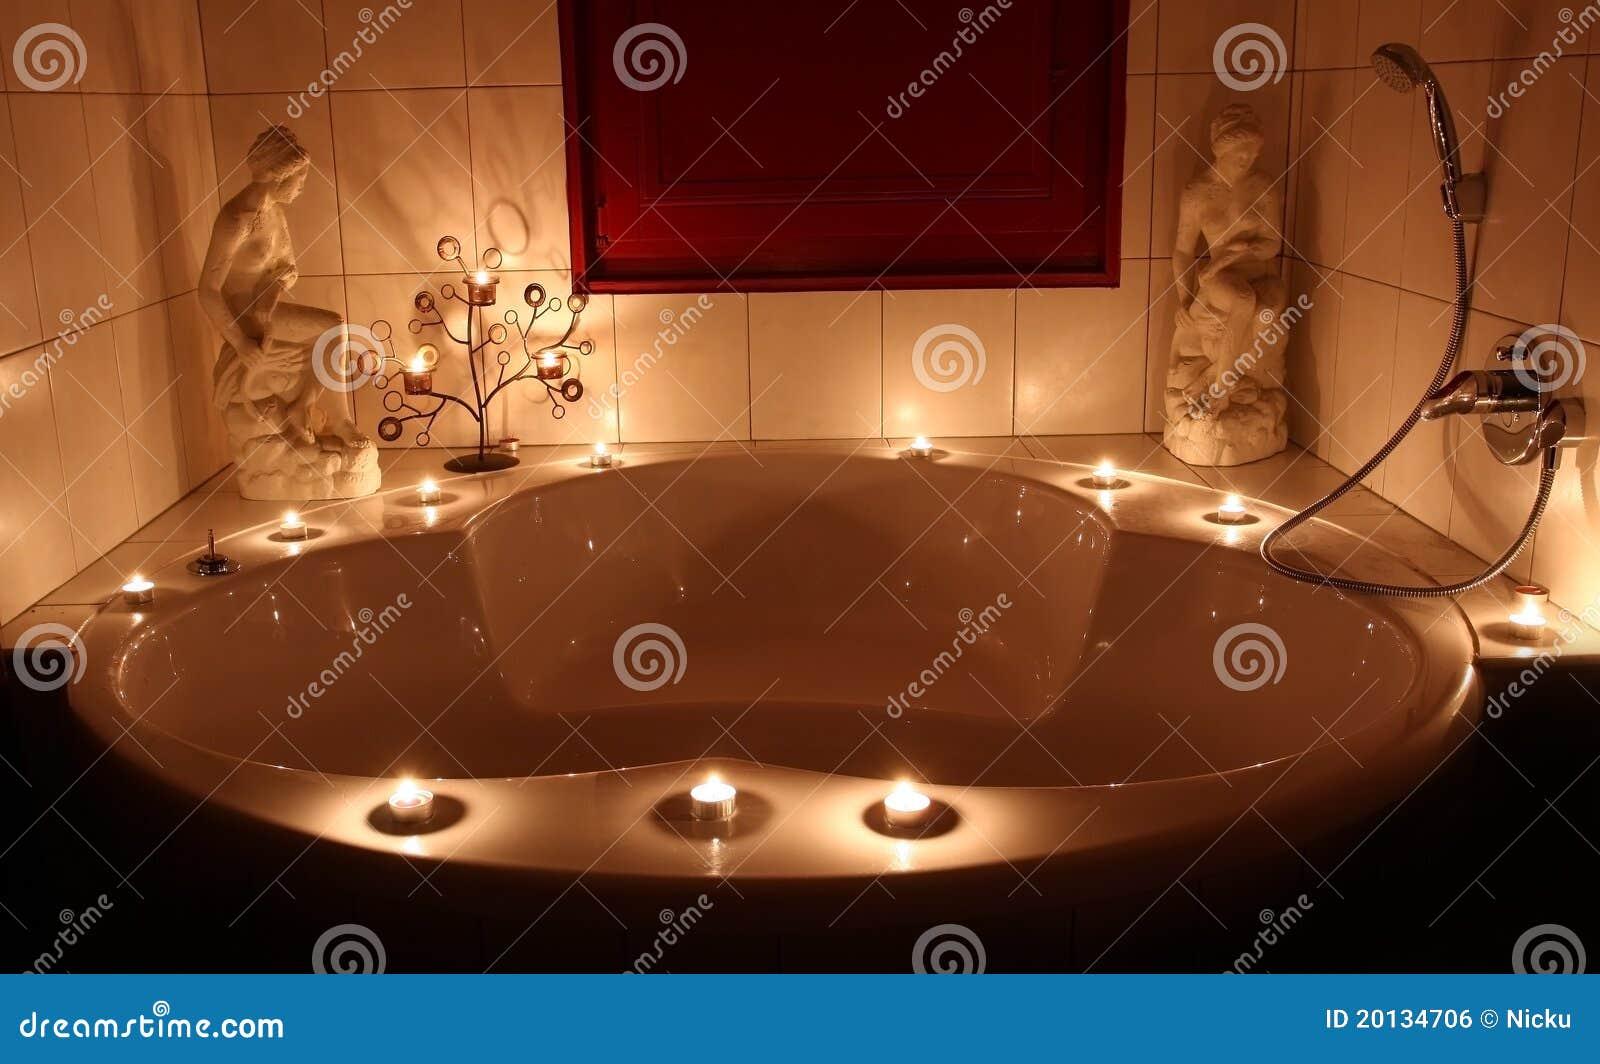 Vasca Da Bagno Espanol : Vasca da bagno romantica fotografia stock. immagine di acquazzone